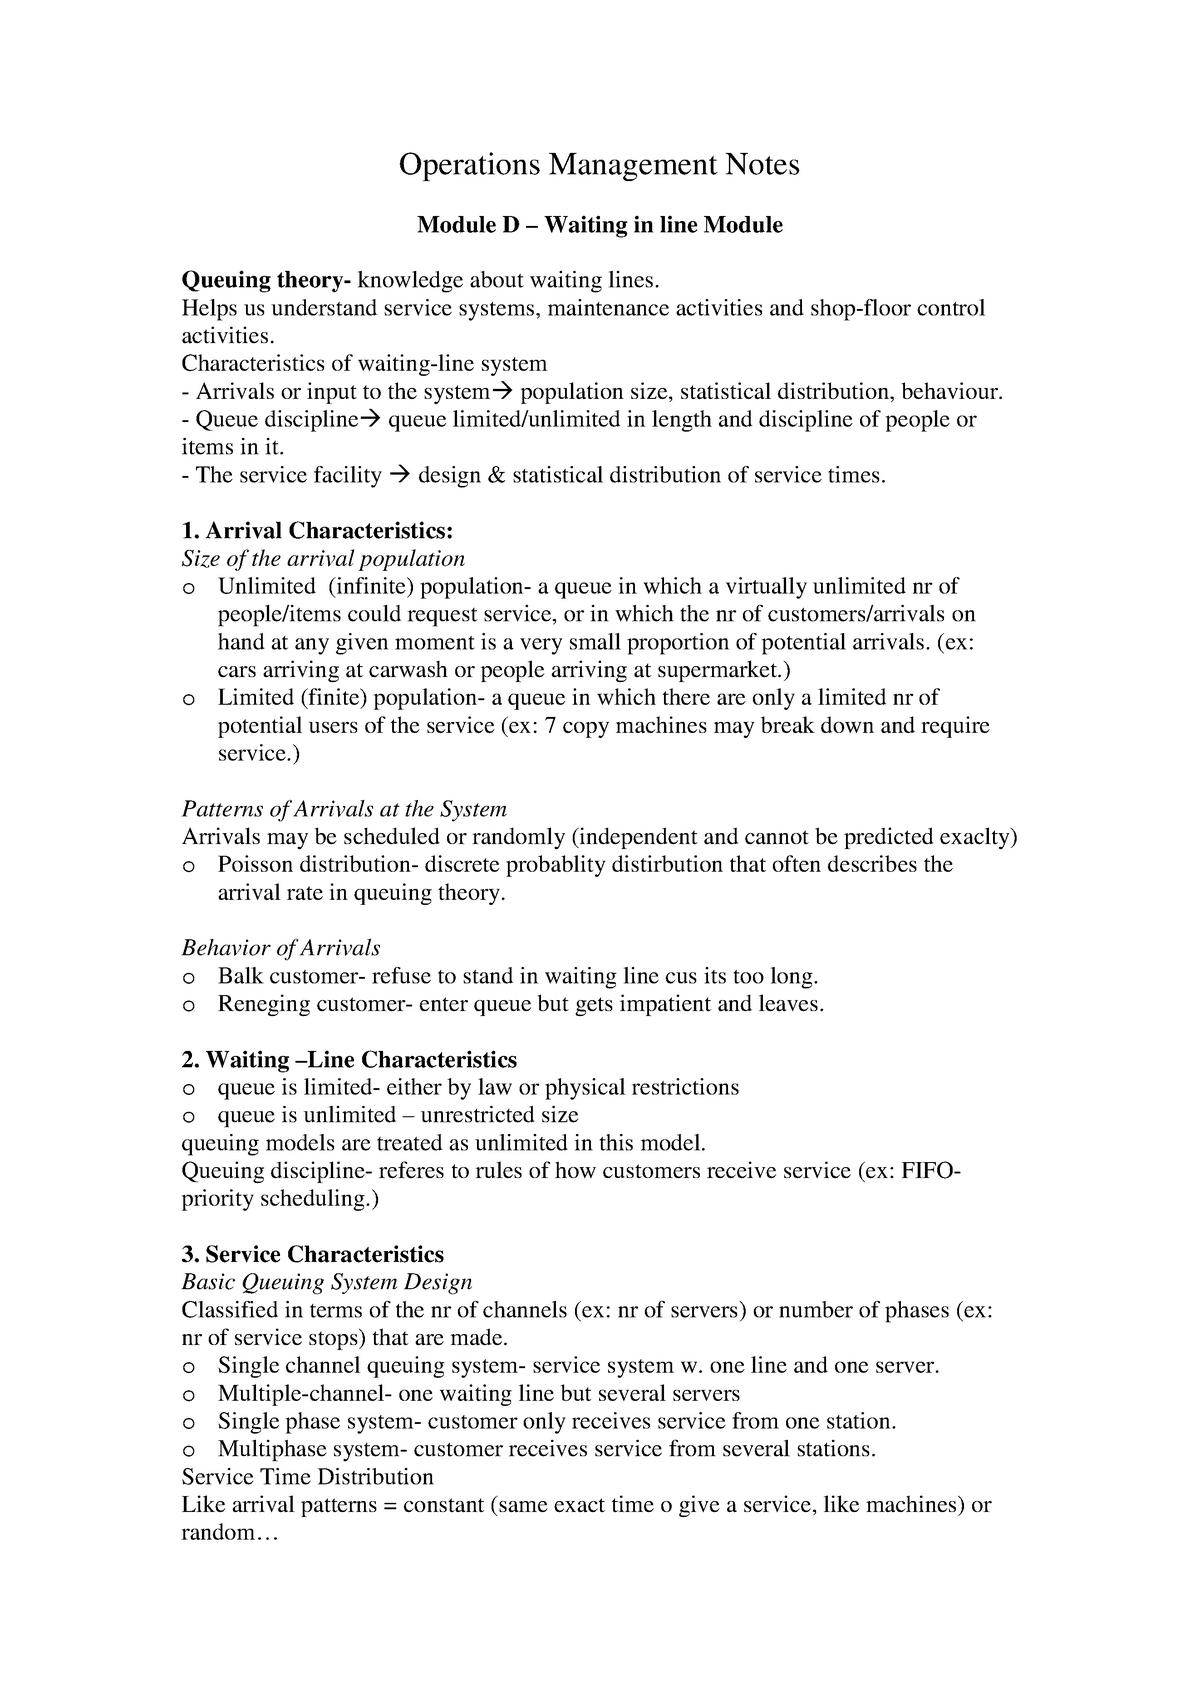 Lecture notes Operations Management - BAP057 - EUR - StuDocu